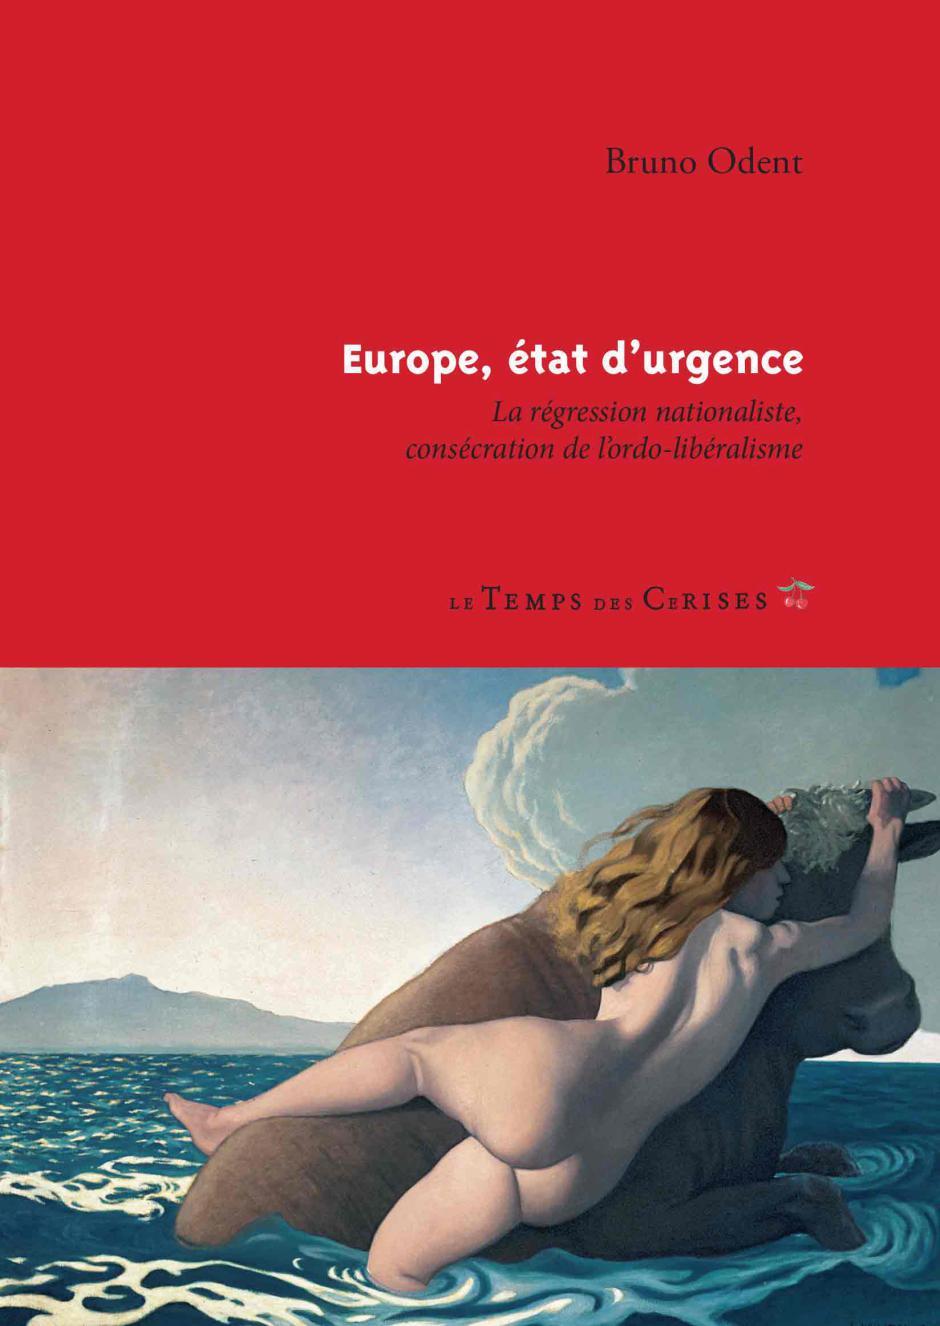 Europe, état d'urgence. La régression nationaliste, consécration de l'ordolibéralisme, Bruno Odent